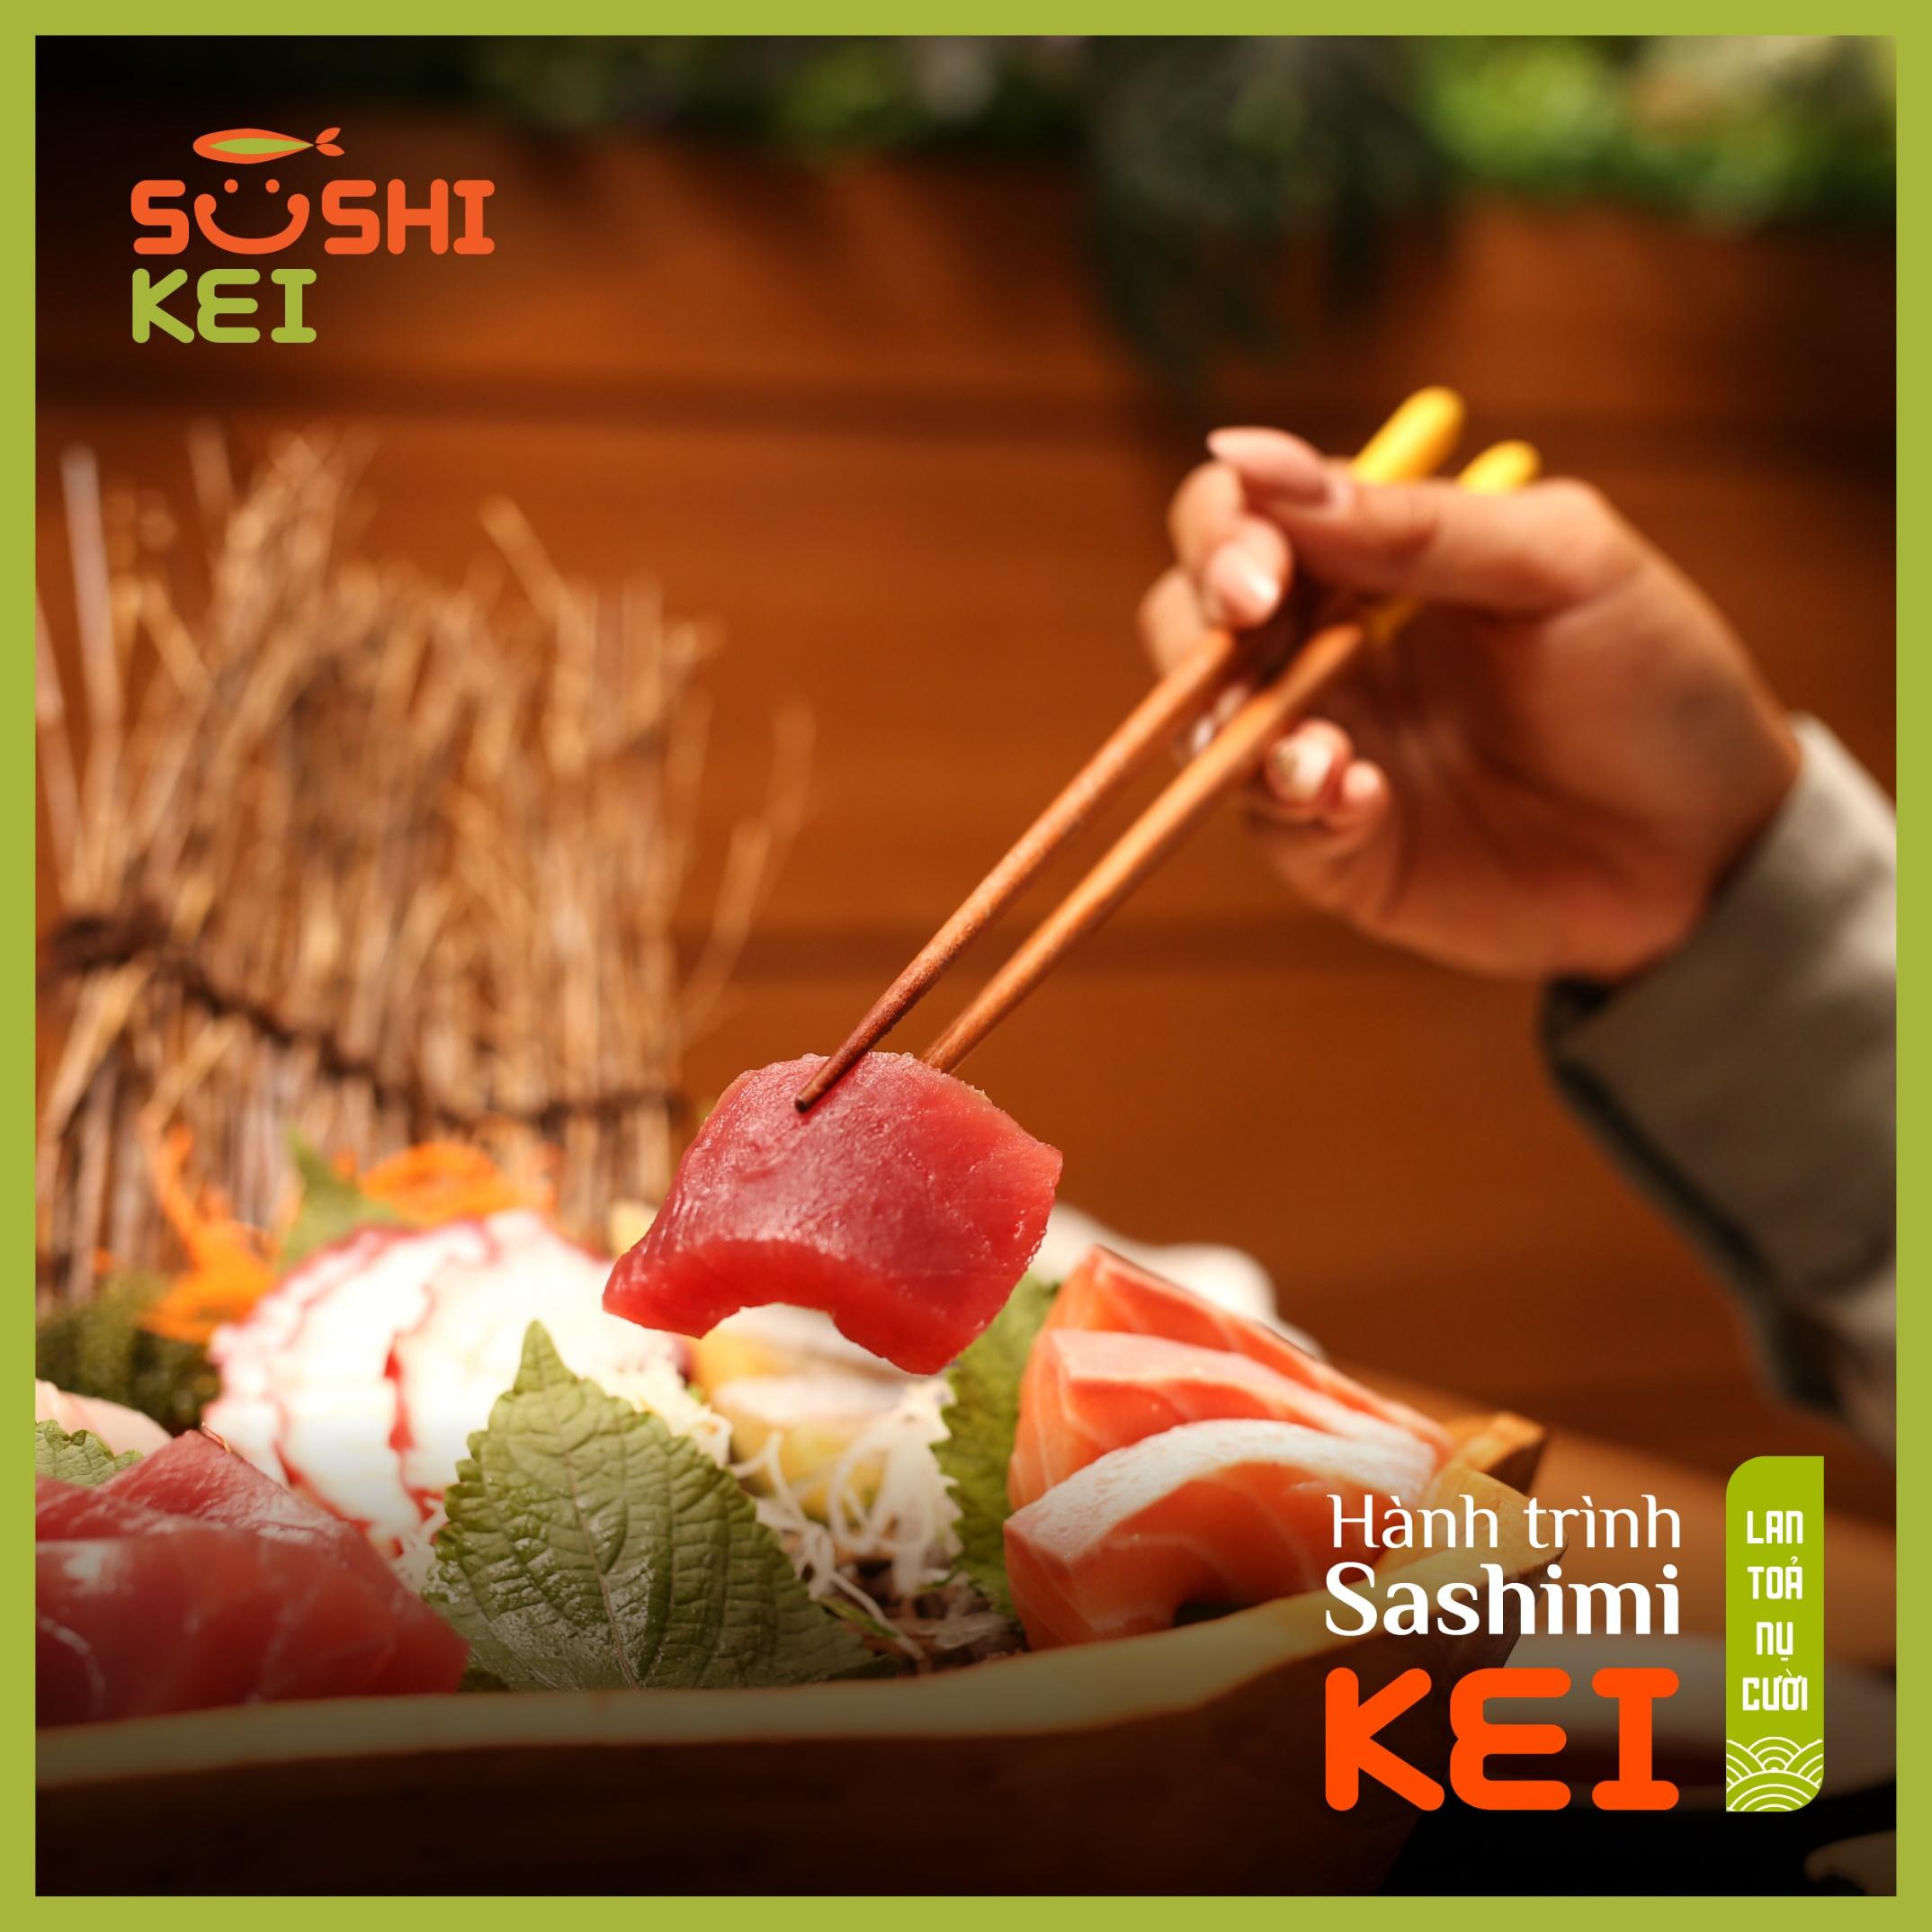 Kinh ngạc với cá ngừ khổng lồ 80kg cùng màn trình diễn chế biến chuyên nghiệp ngay tại nhà hàng Nhật - Sushi Kei - Ảnh 6.